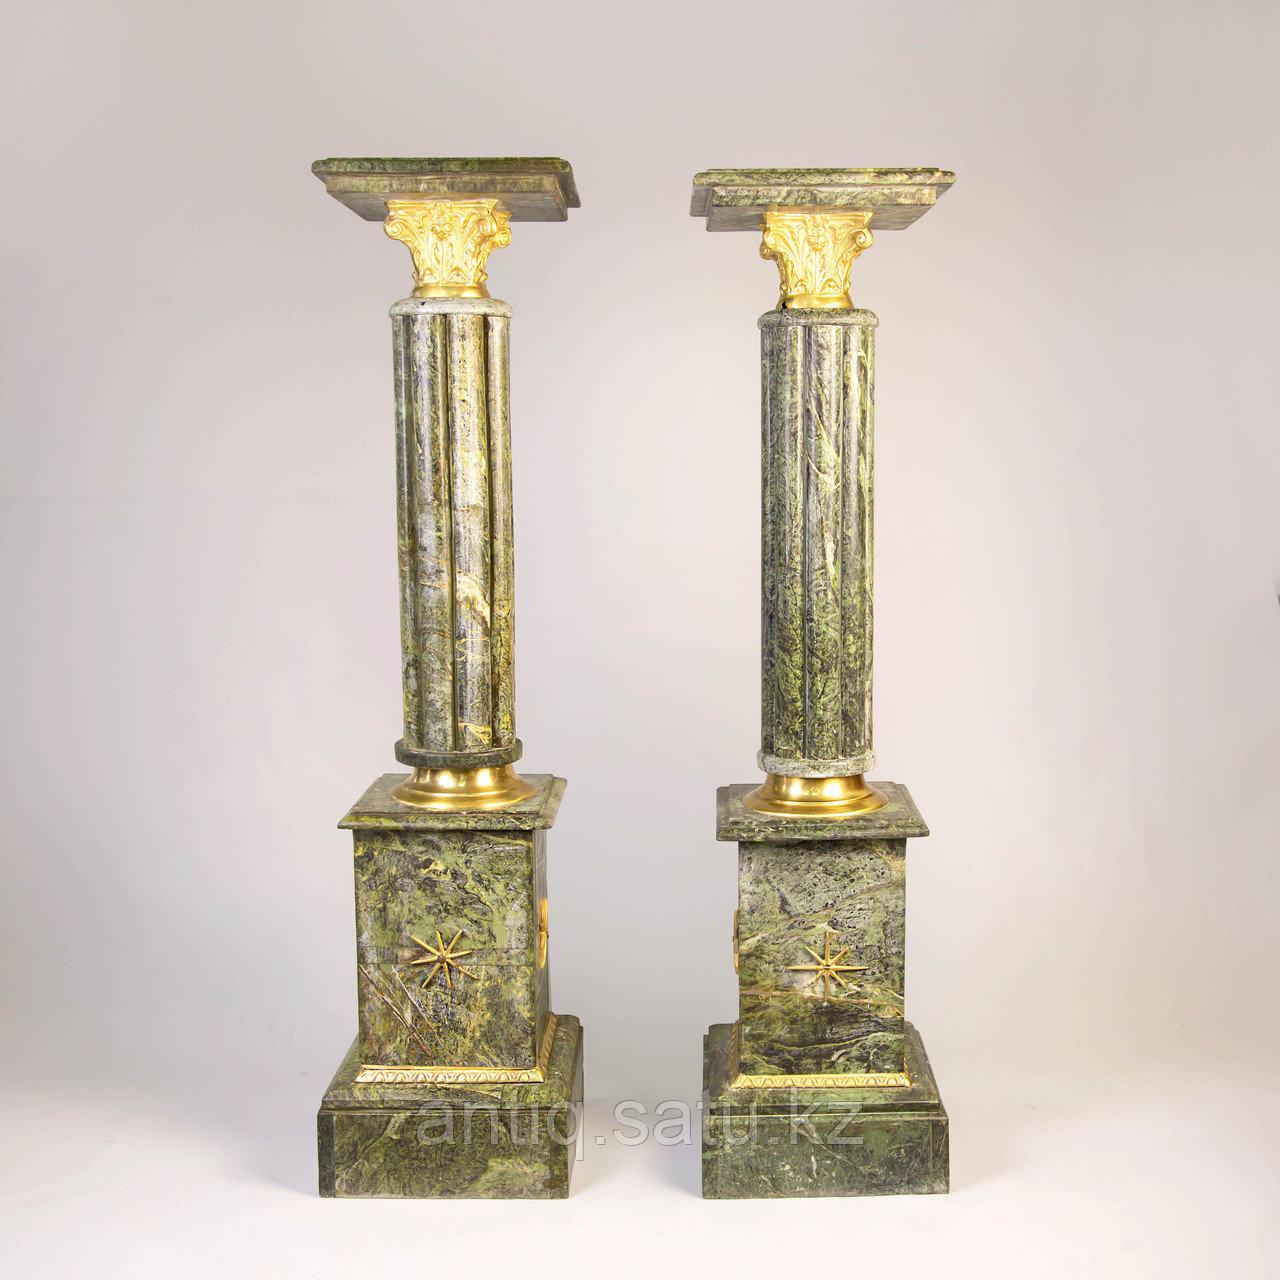 Пара колонн в дворцовом стиле. Подставки под дорогие вазы или фигуры. - фото 1